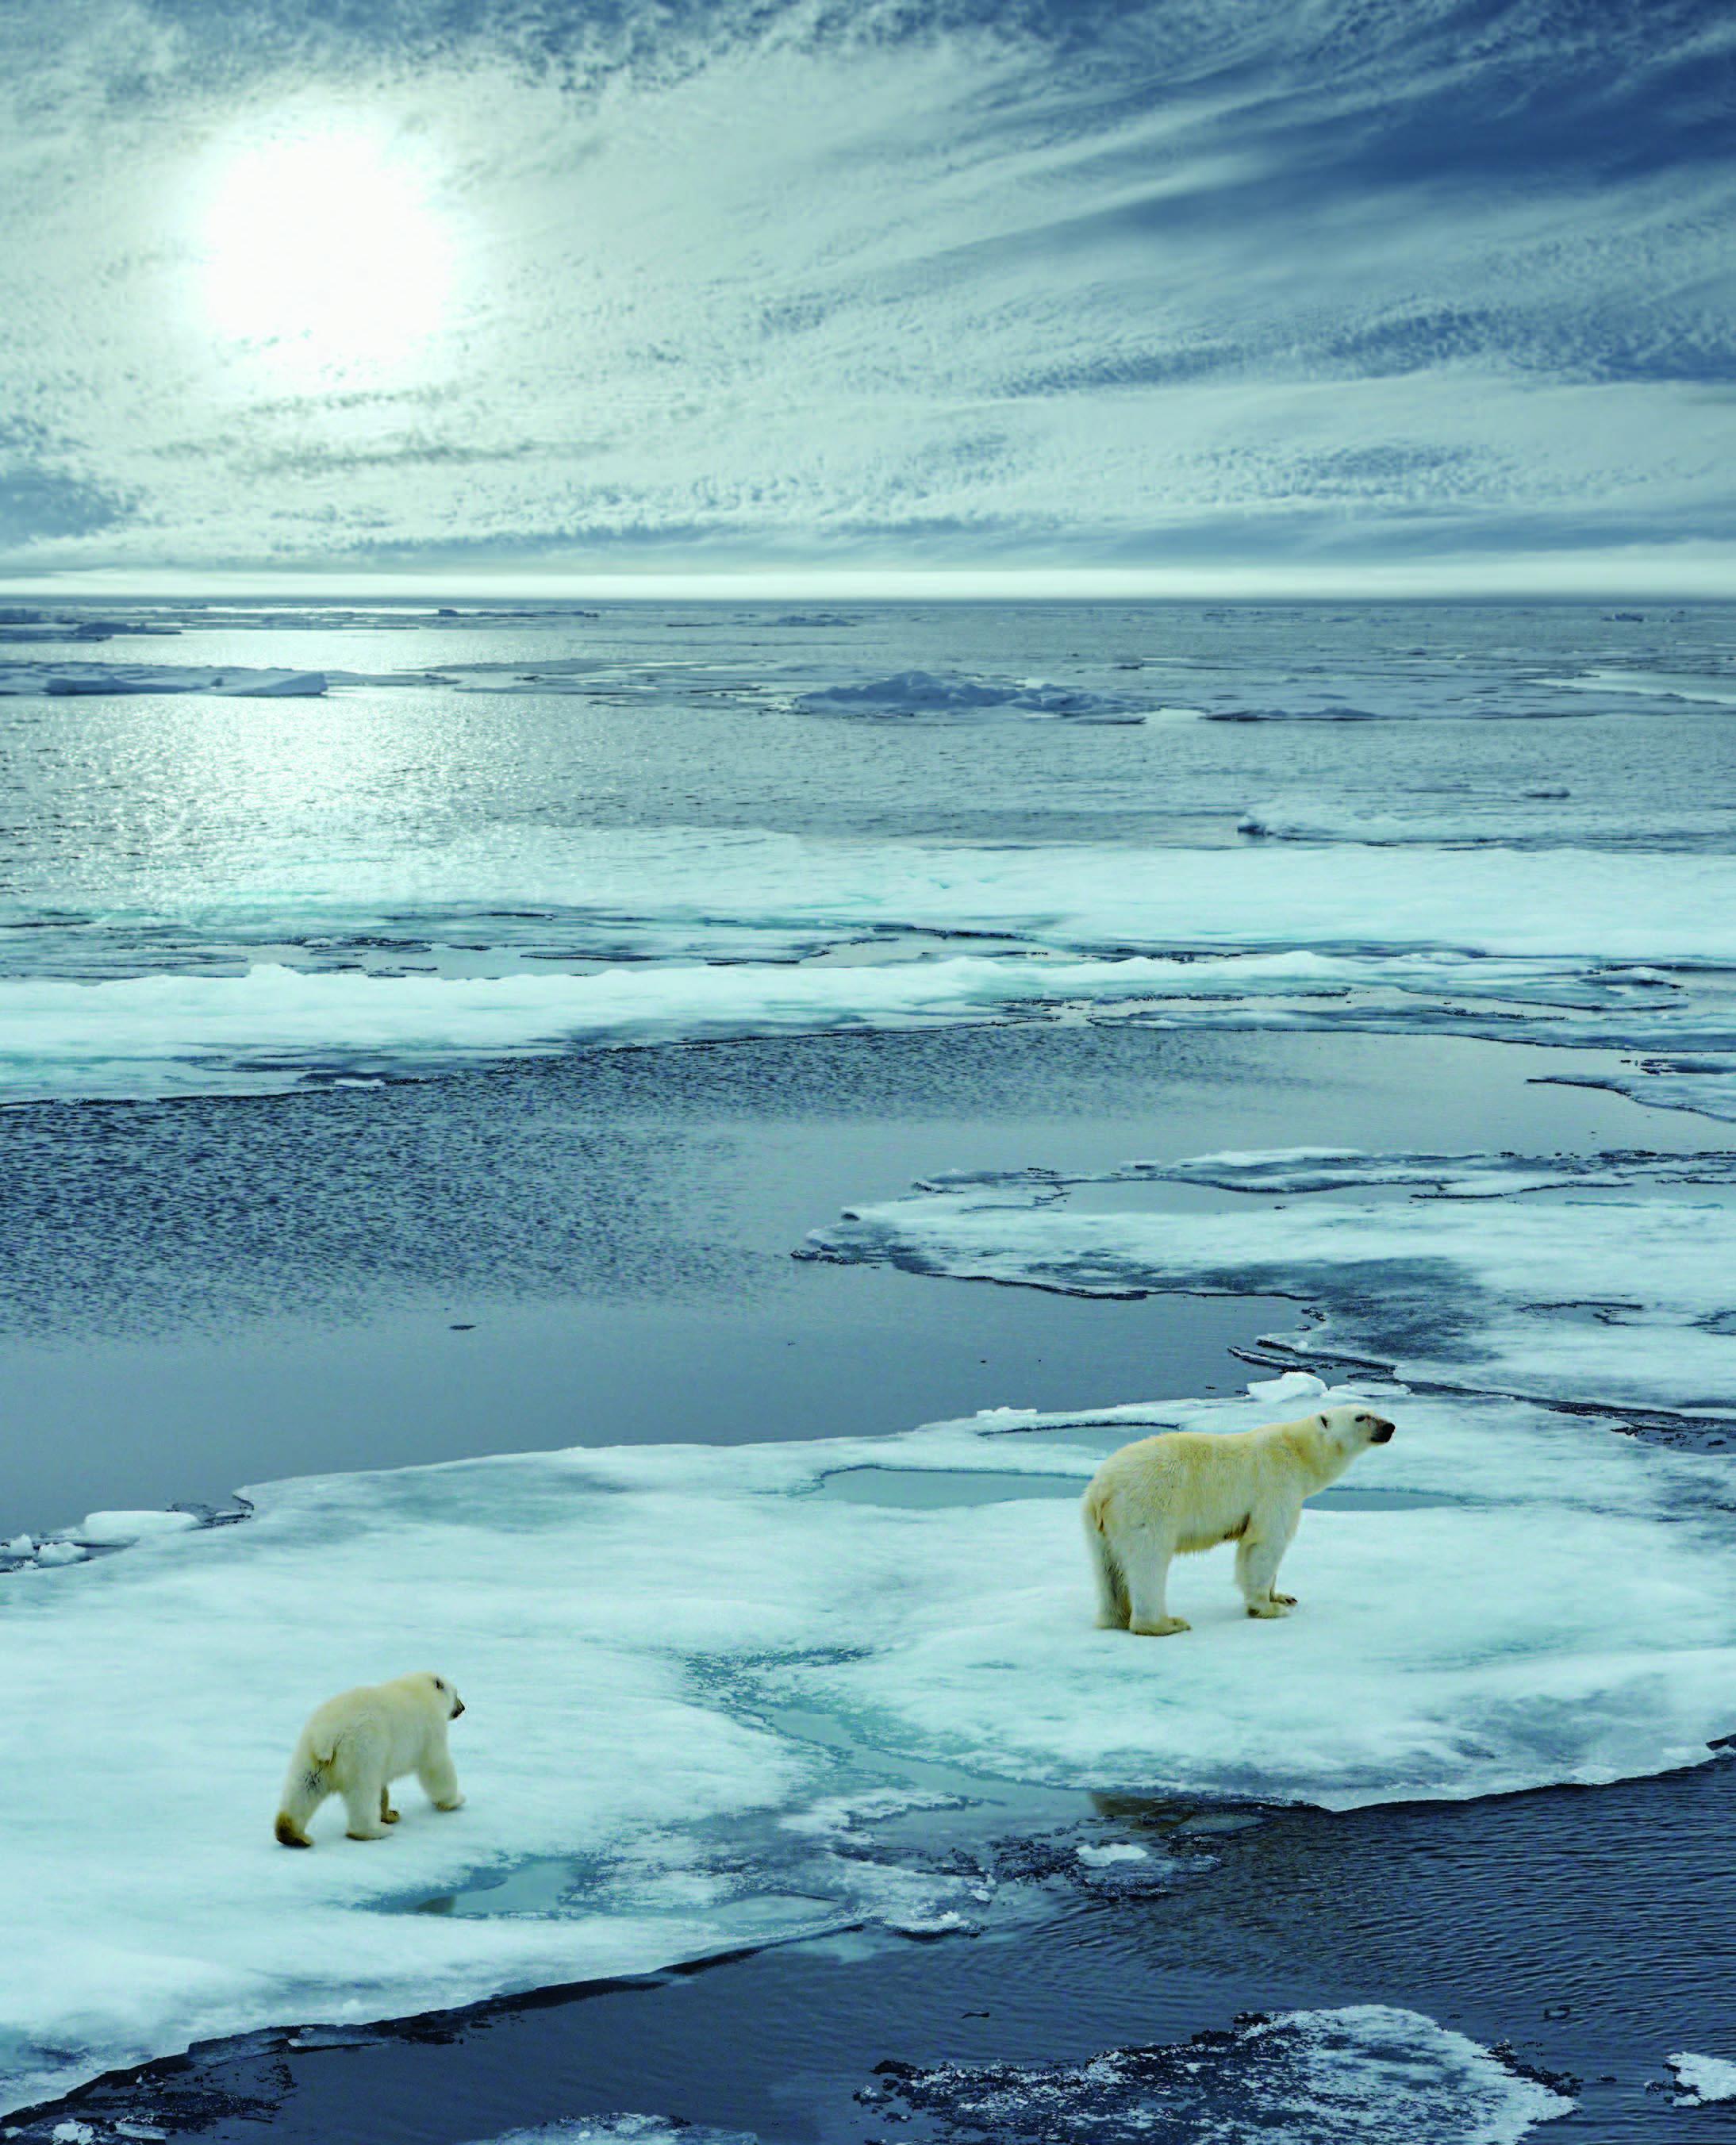 인류에 대한 환경의 역습, 지구촌 기후변화